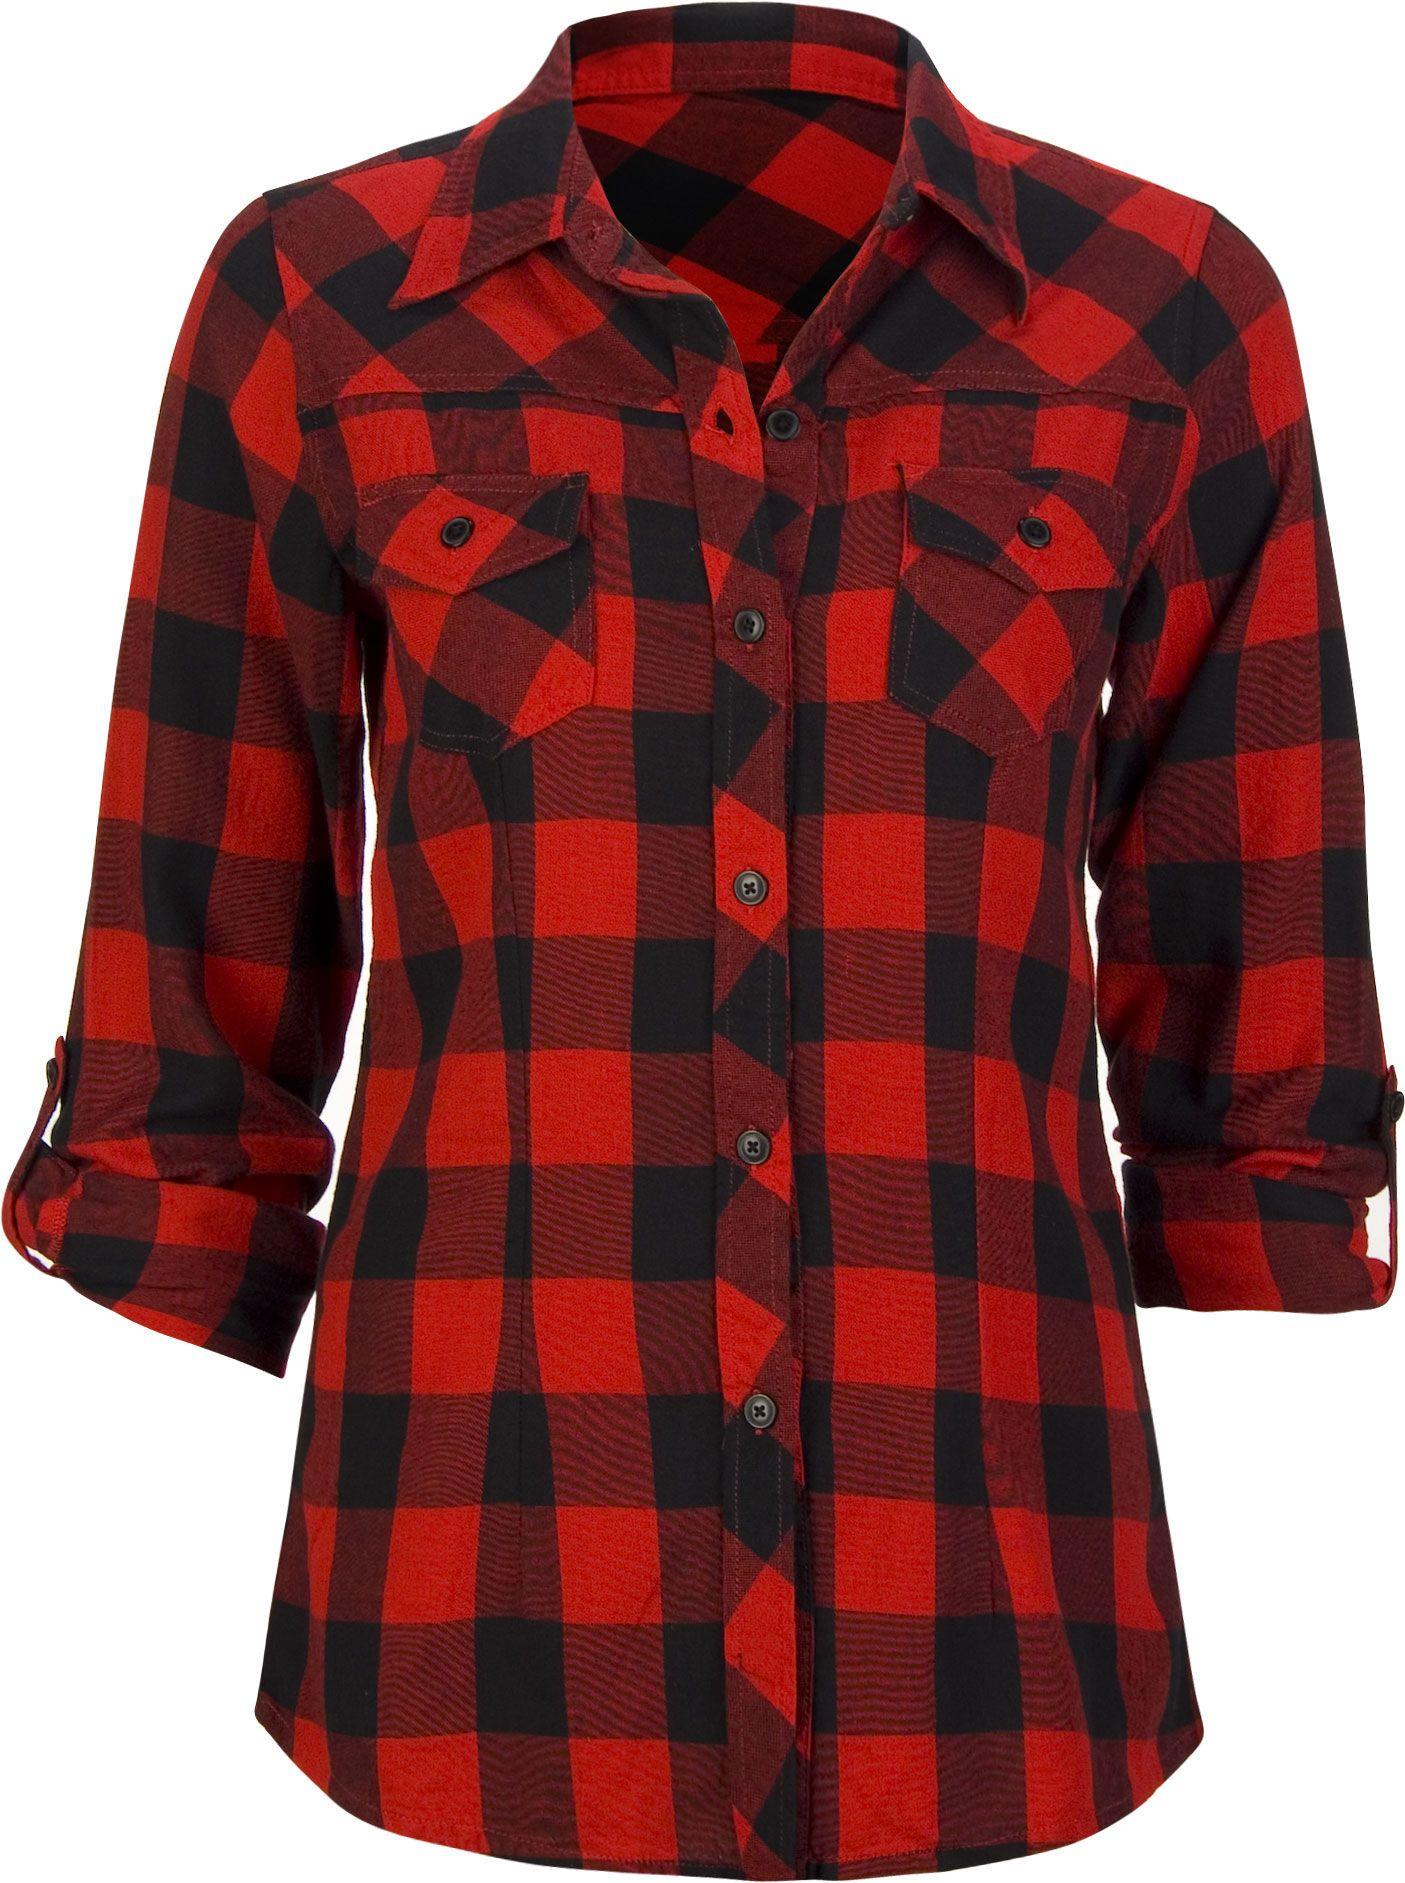 7b67d1404a97a FULL TILT Buffalo Plaid Womens Flannel Shirt 150732126